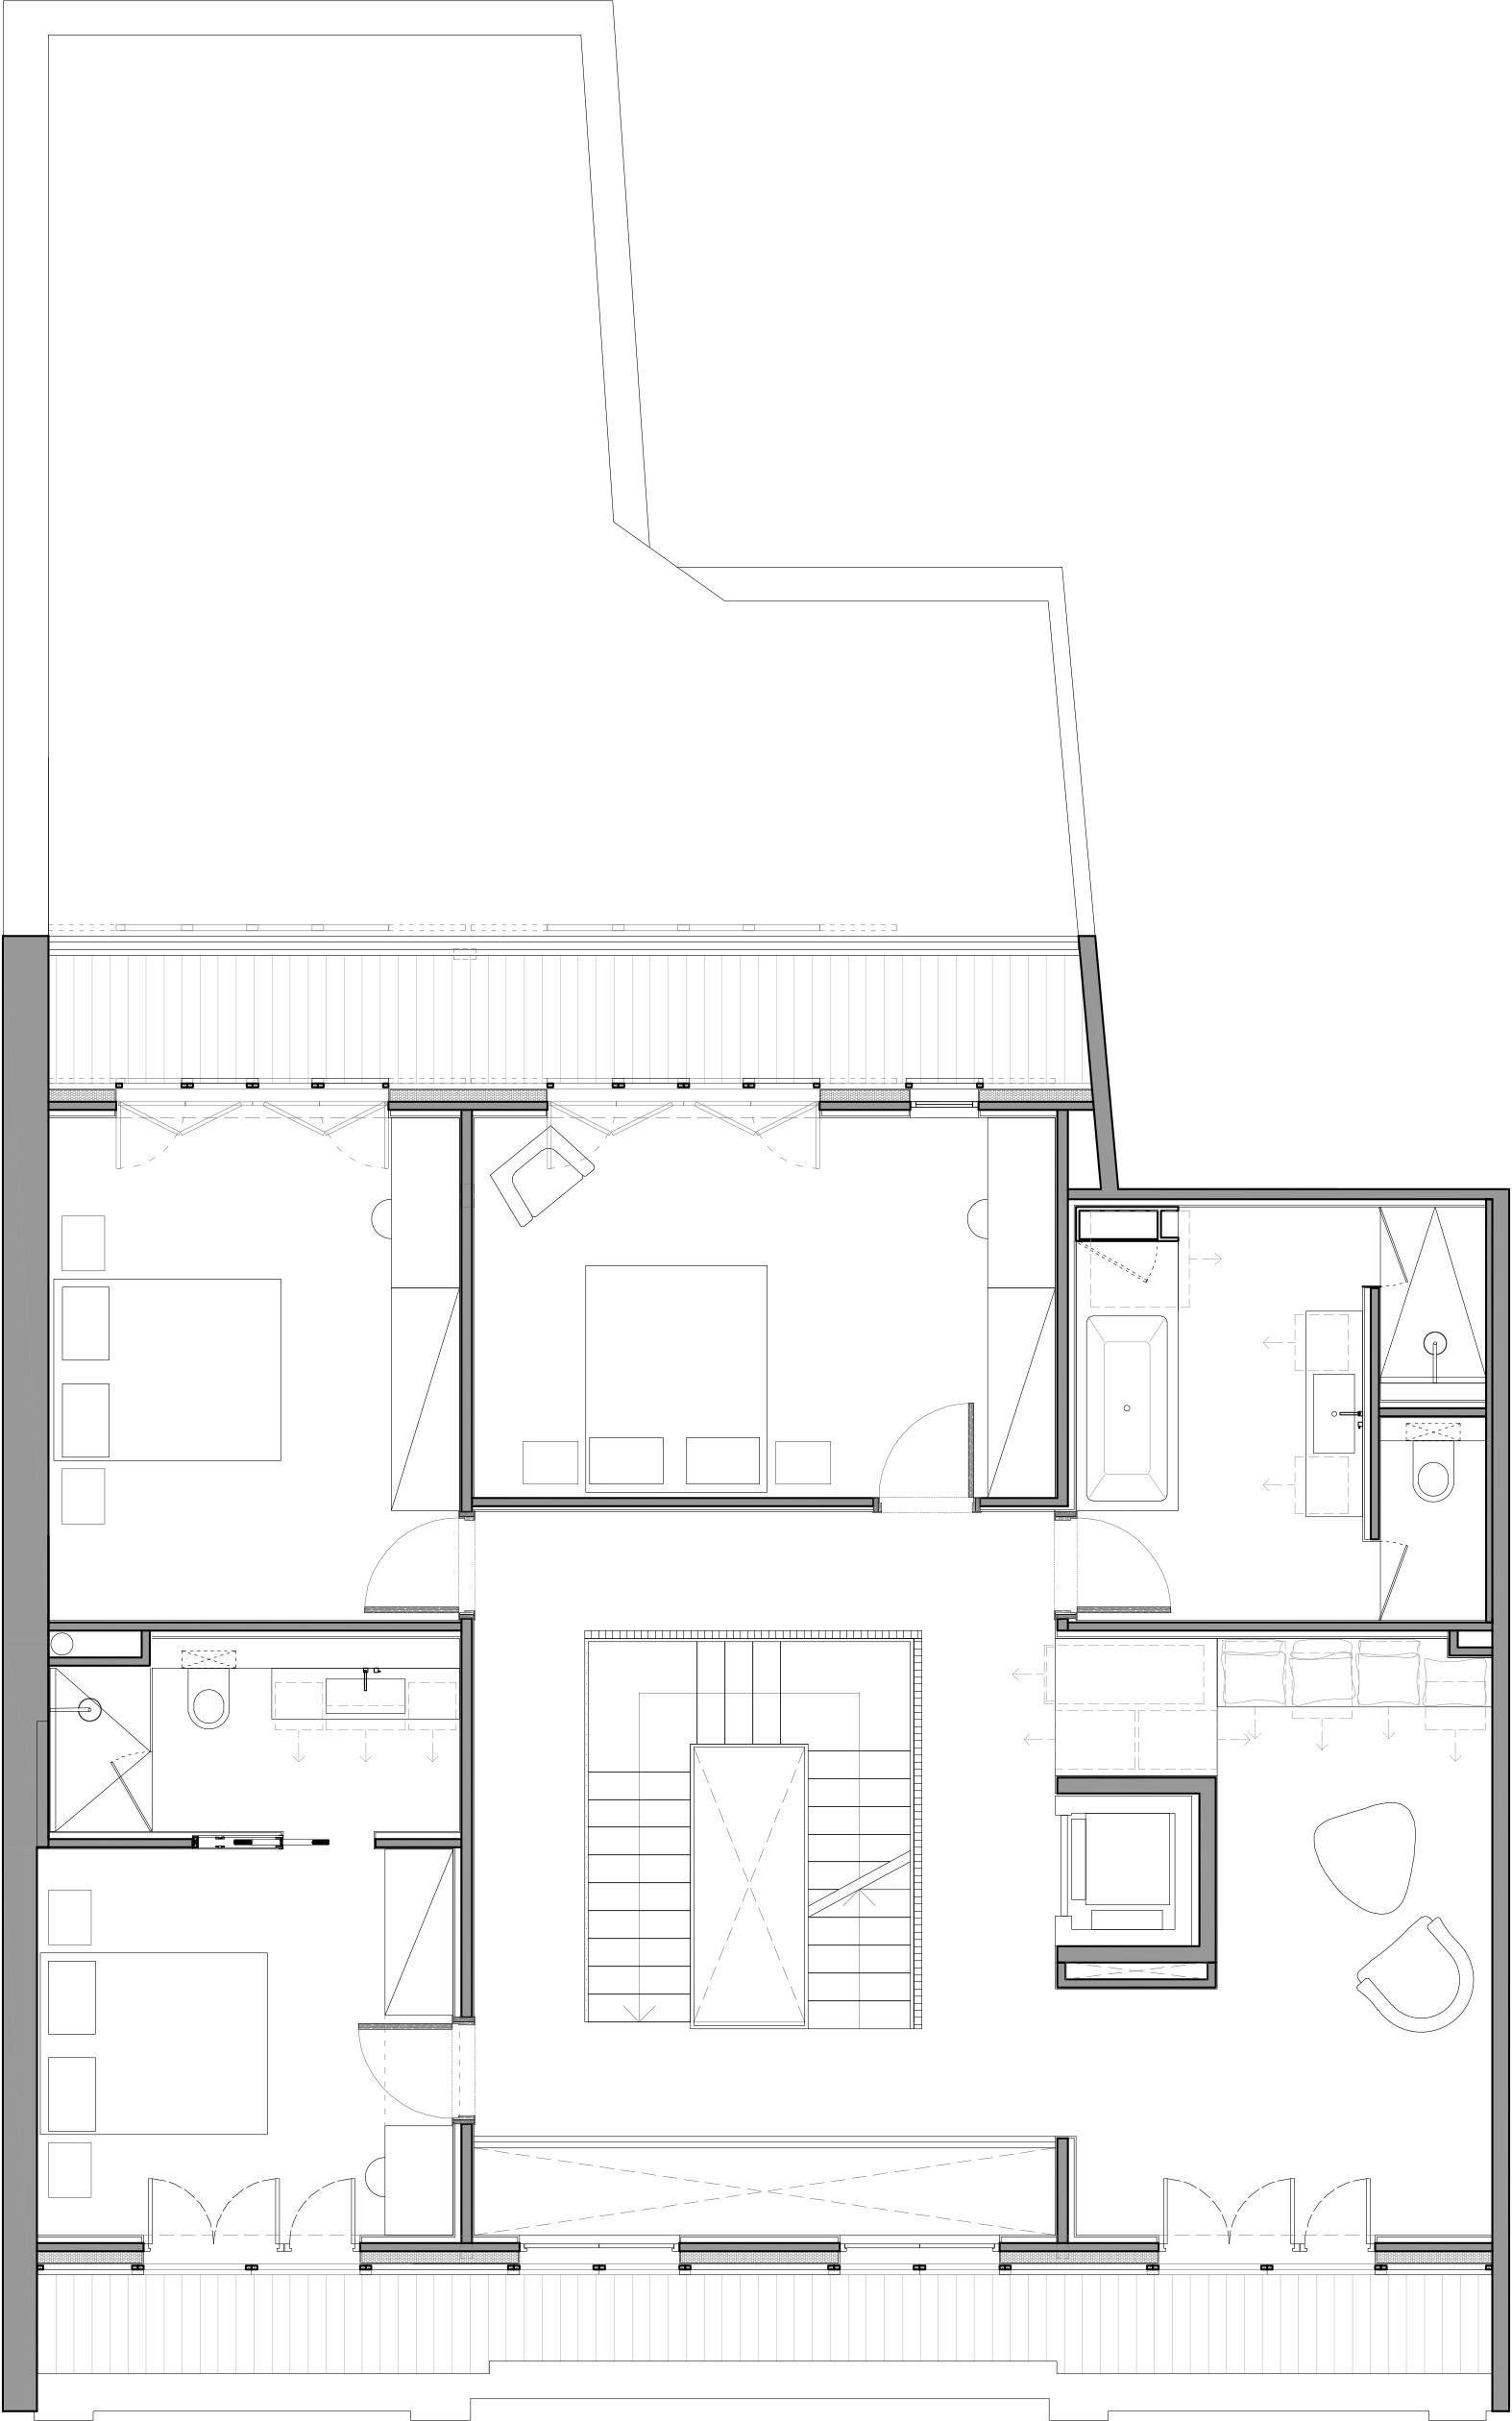 Vilanova 4 bedroom Spanish home